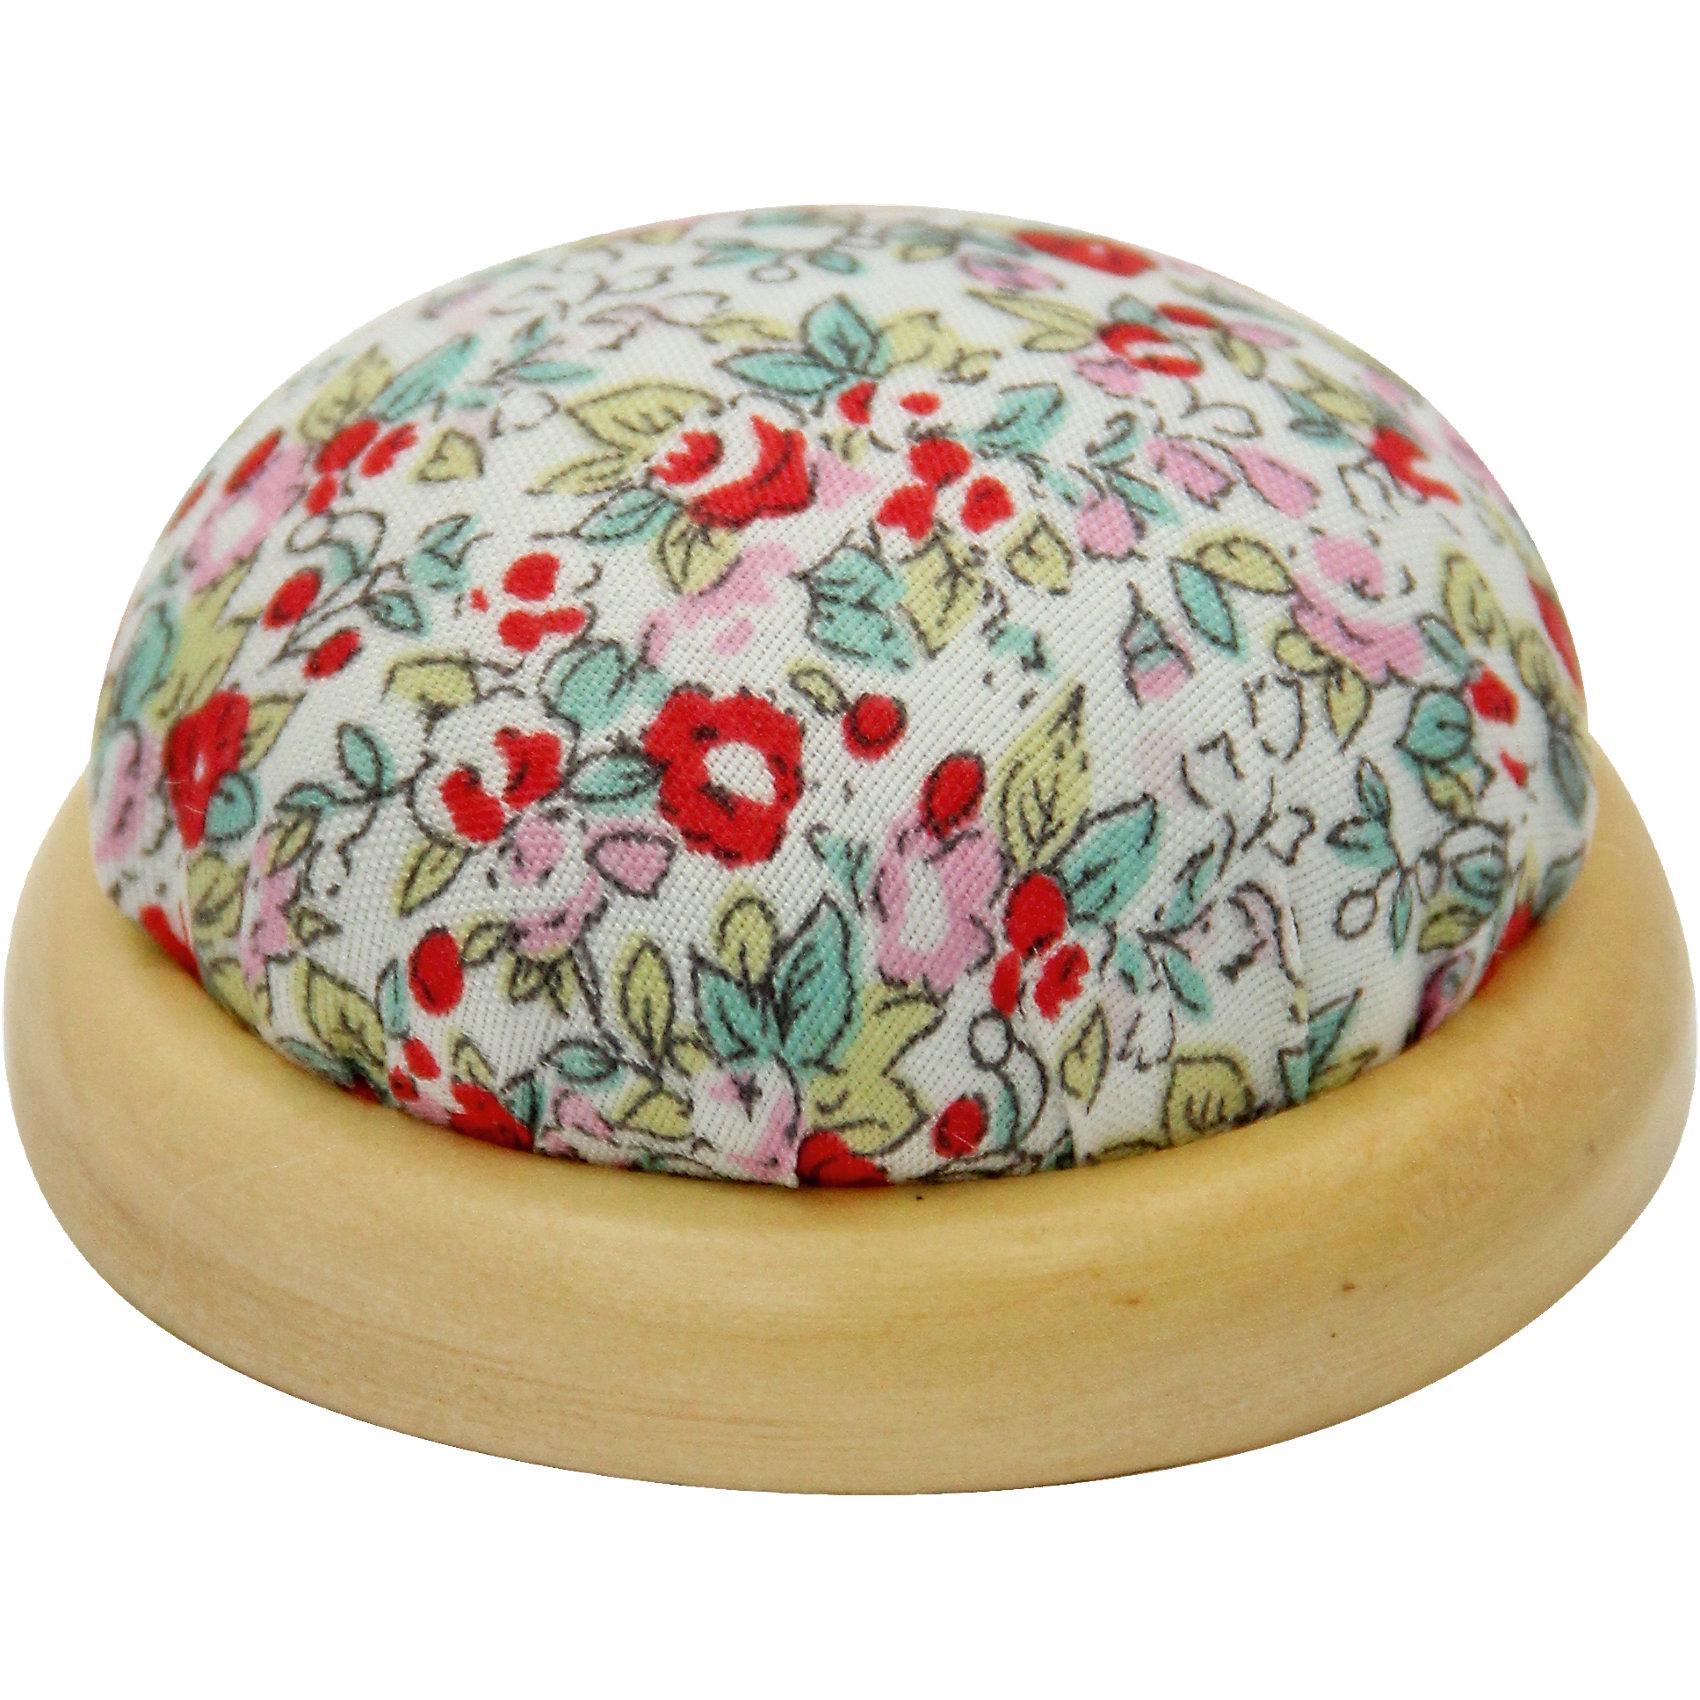 Игольница-подушечка Красные цветы 7,3*4,5 смИгольница-подушечка - прекрасный подарок, который понравится любой рукодельнице! Игольница выполнена из прочного текстильного материала, украшенного нежным цветочным принтом. Подставка из дерева удобная и устойчивая. Прекрасный вариант для памятного сувенира!<br><br>Дополнительная информация:<br><br>- Материал: синтетический хлопок, полиэстер, древесина вишни.<br>- Размер: 7,3х4,5 см.<br><br>Игольницу-подушечку Красные цветы, 7,3х4,5 см, можно купить в нашем магазине.<br><br>Ширина мм: 73<br>Глубина мм: 45<br>Высота мм: 45<br>Вес г: 50<br>Возраст от месяцев: 108<br>Возраст до месяцев: 2147483647<br>Пол: Женский<br>Возраст: Детский<br>SKU: 4548392